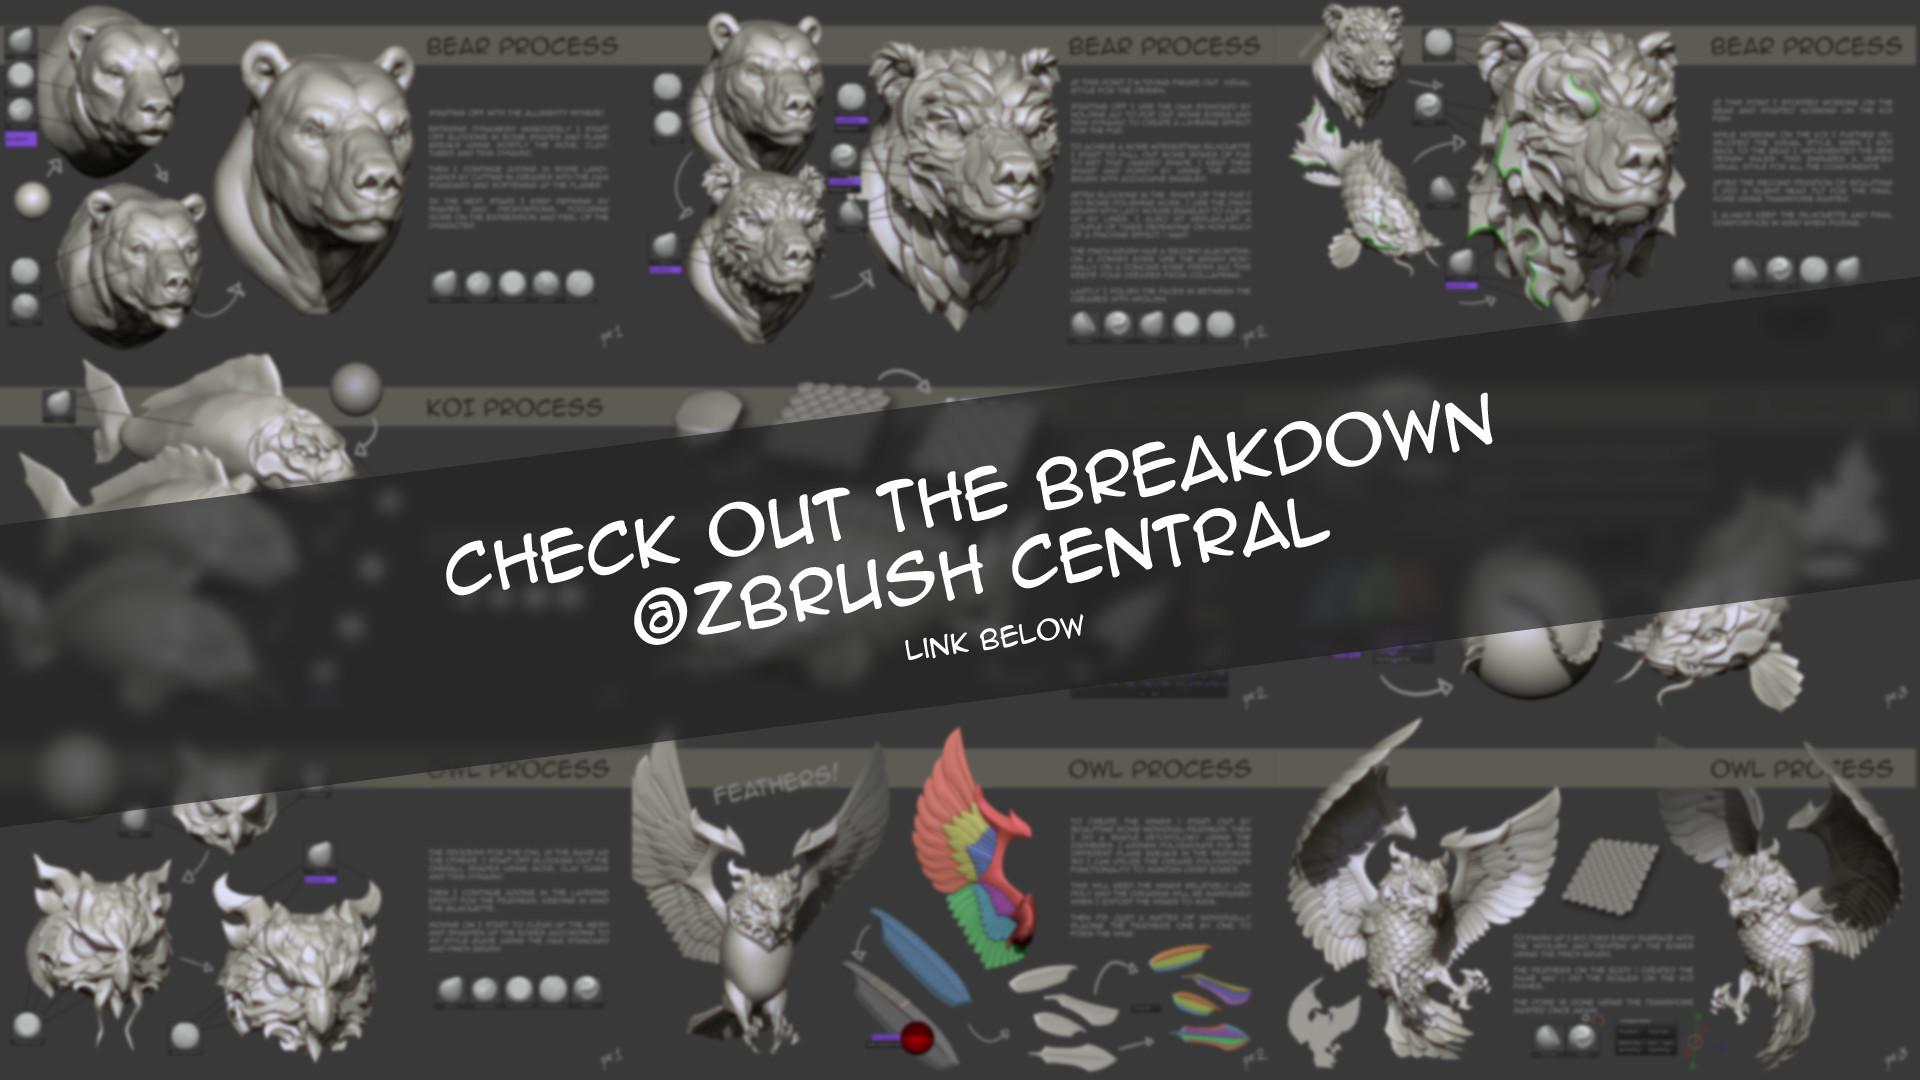 http://www.zbrushcentral.com/showthread.php?178670-Asbj%C3%B8rn-Nedrehagen-s-Sketchbook&p=1216856&infinite=1#post1216856